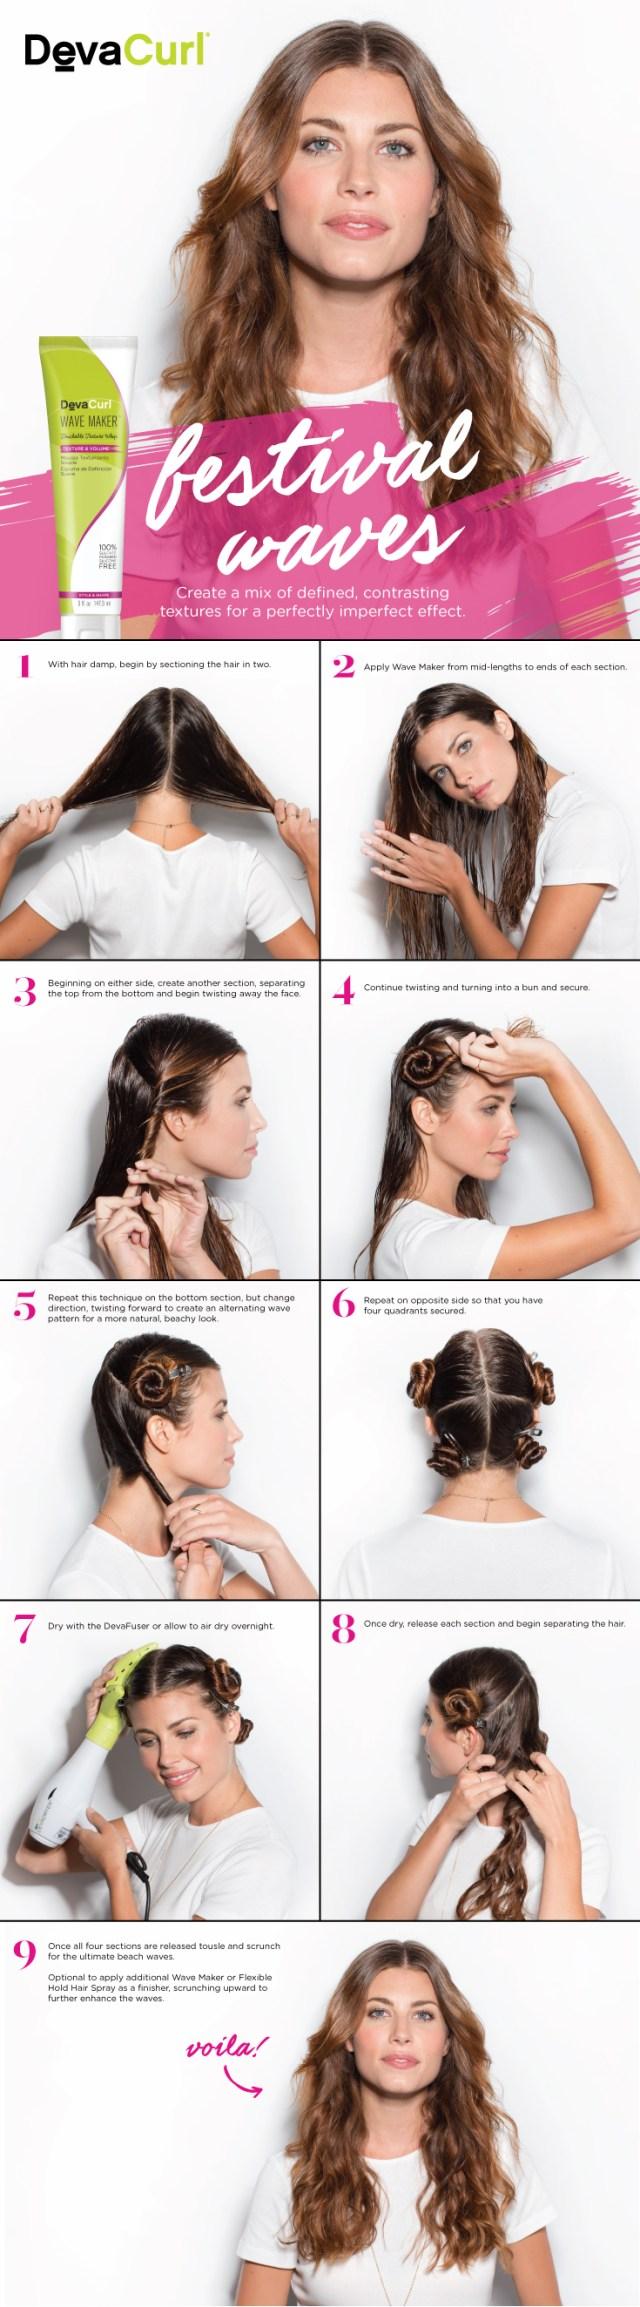 how to get wavy hair - 3 different ways - devacurl blog